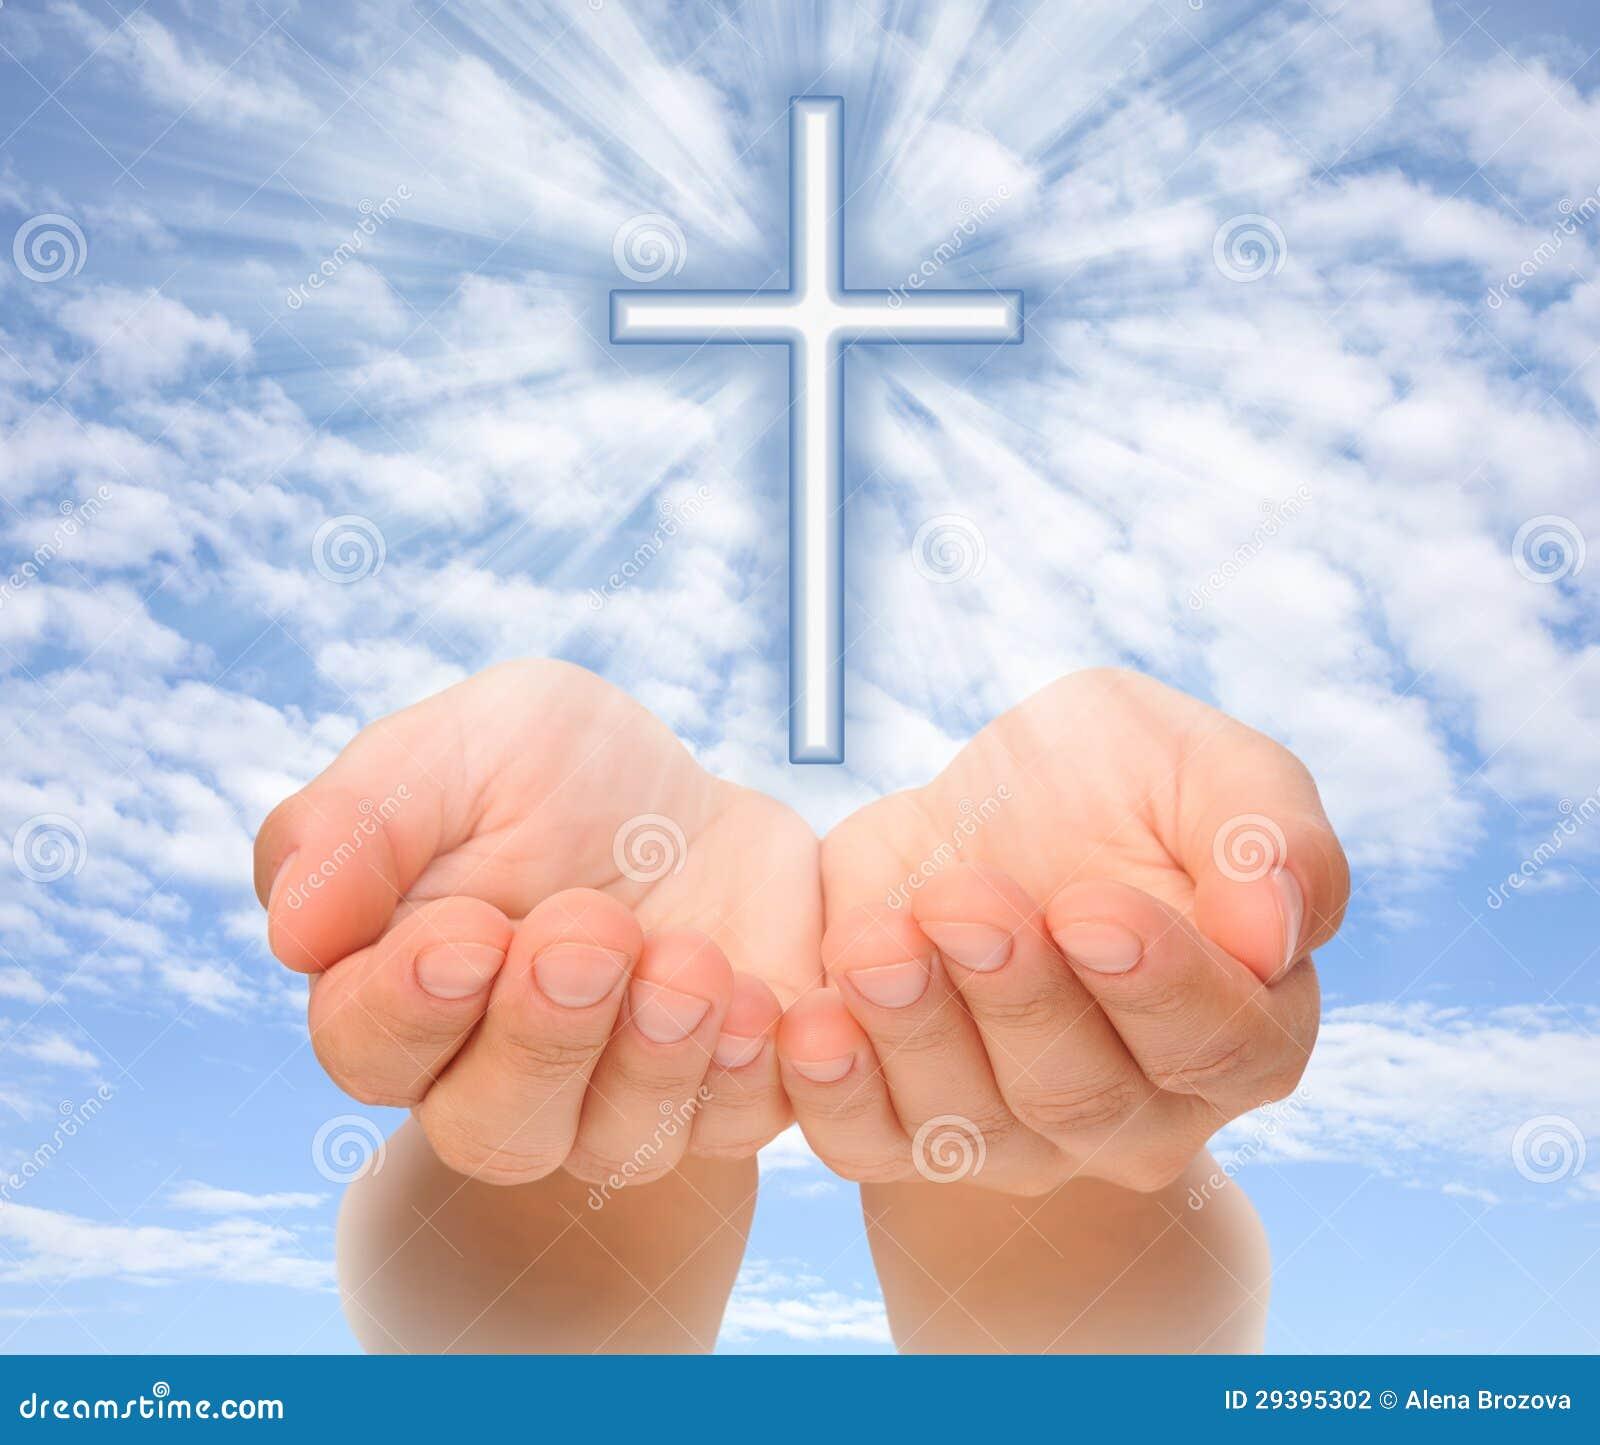 Mains retenant la croix chrétienne avec les faisceaux de lumière